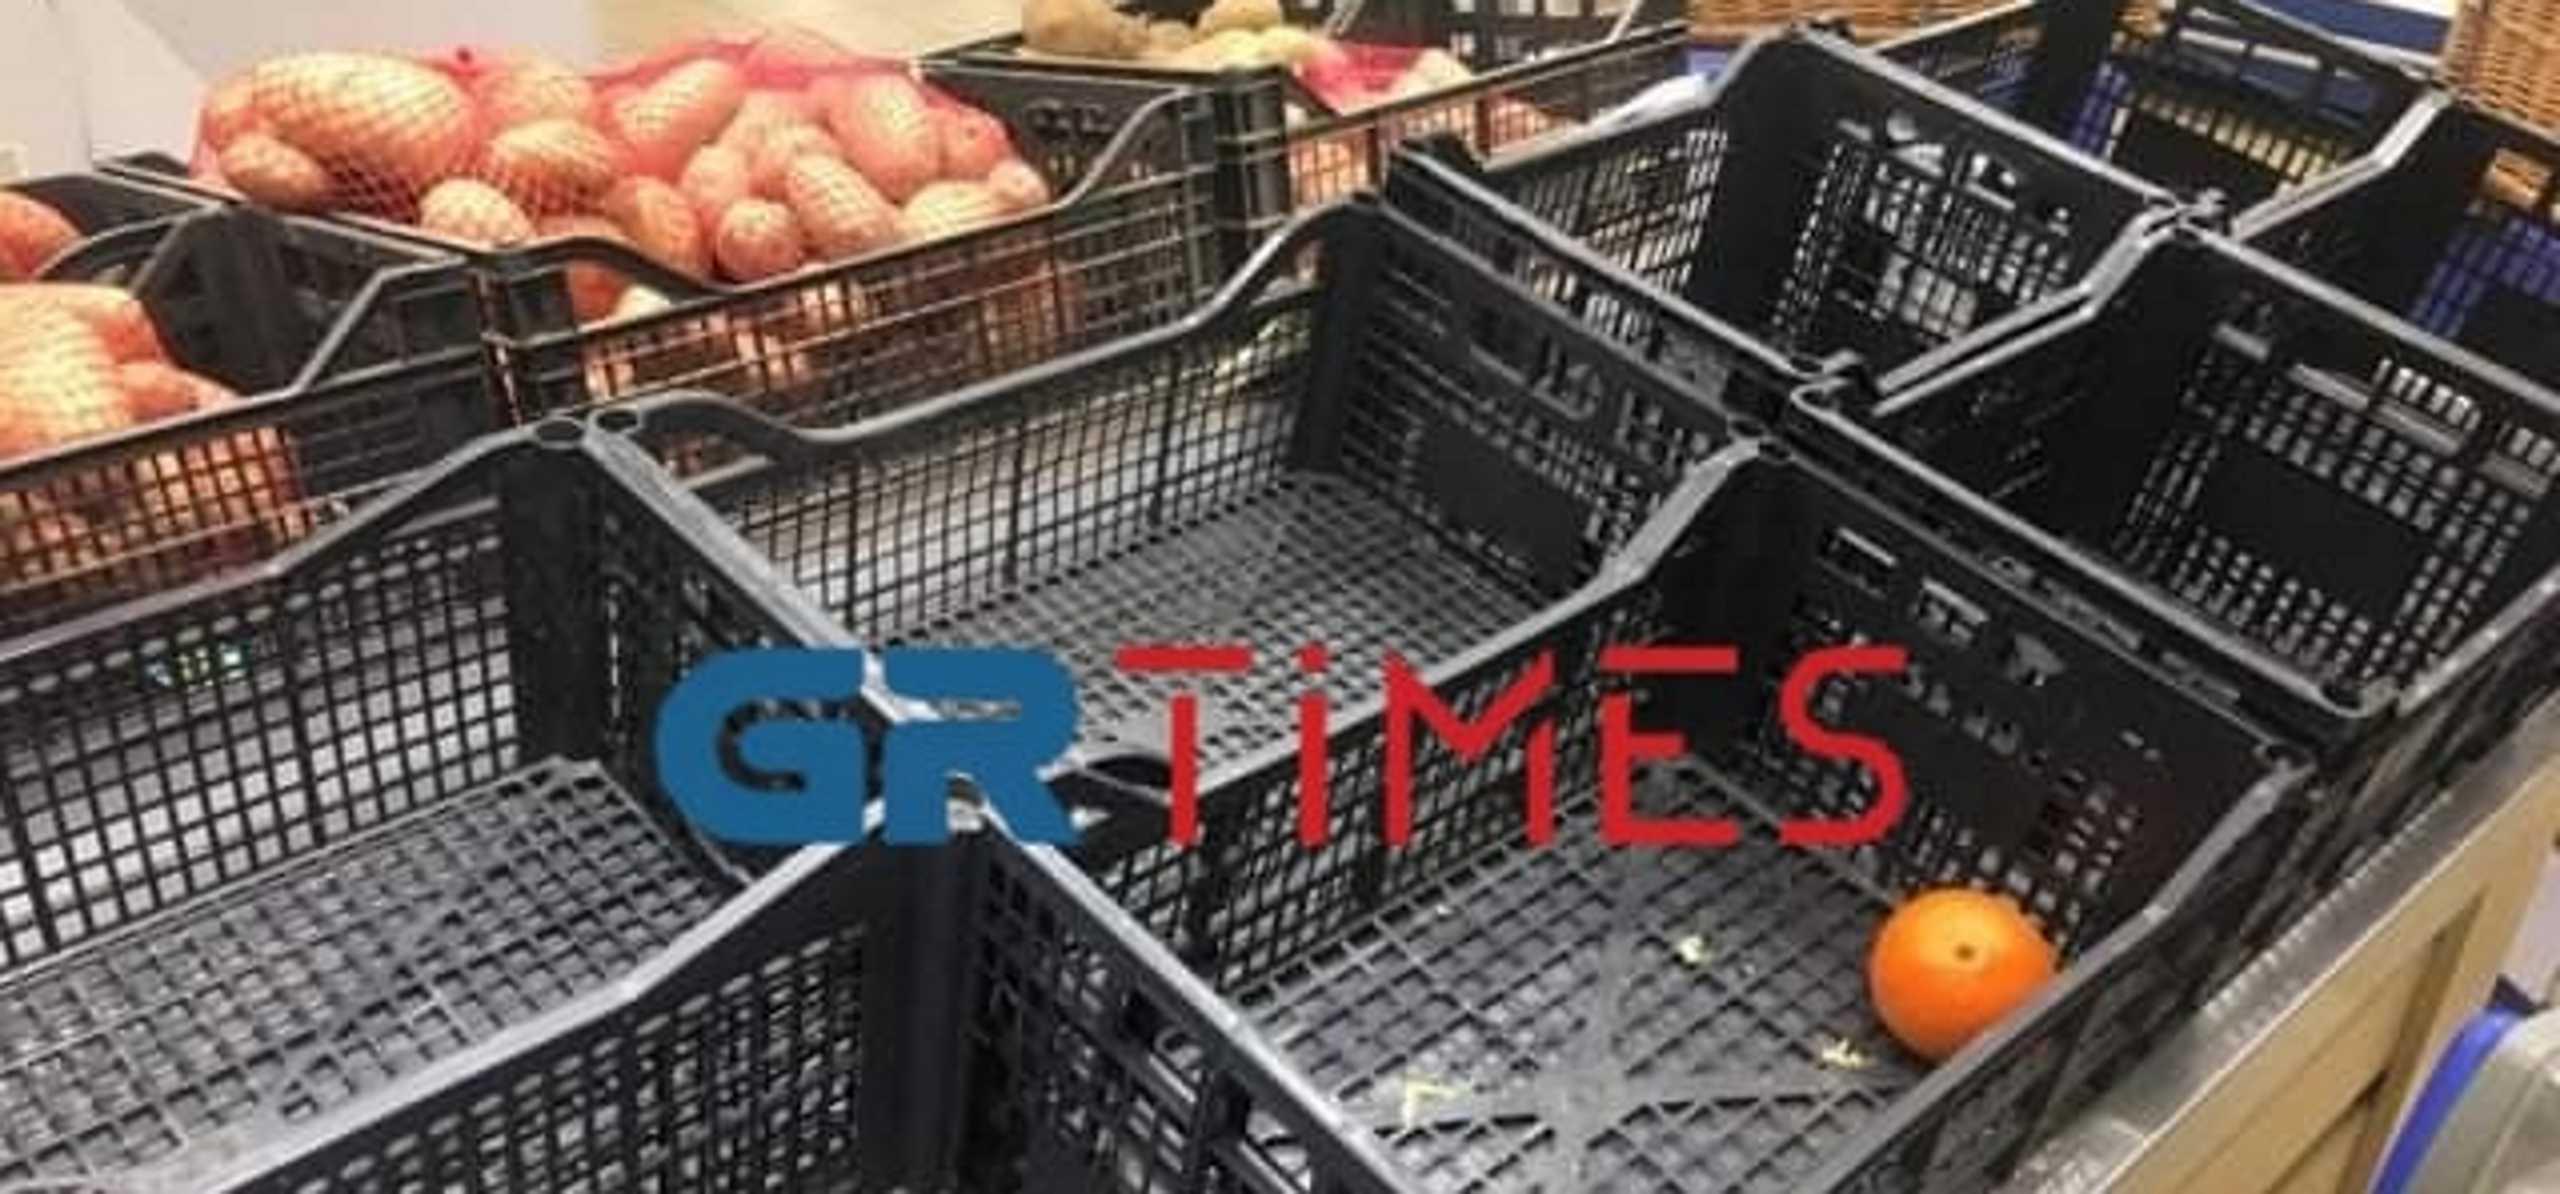 Καιρός – κακοκαιρία Μήδεια: Επιδρομή στα σούπερ μάρκετ της Θεσσαλονίκης – Άδειασαν τα ράφια (pics)